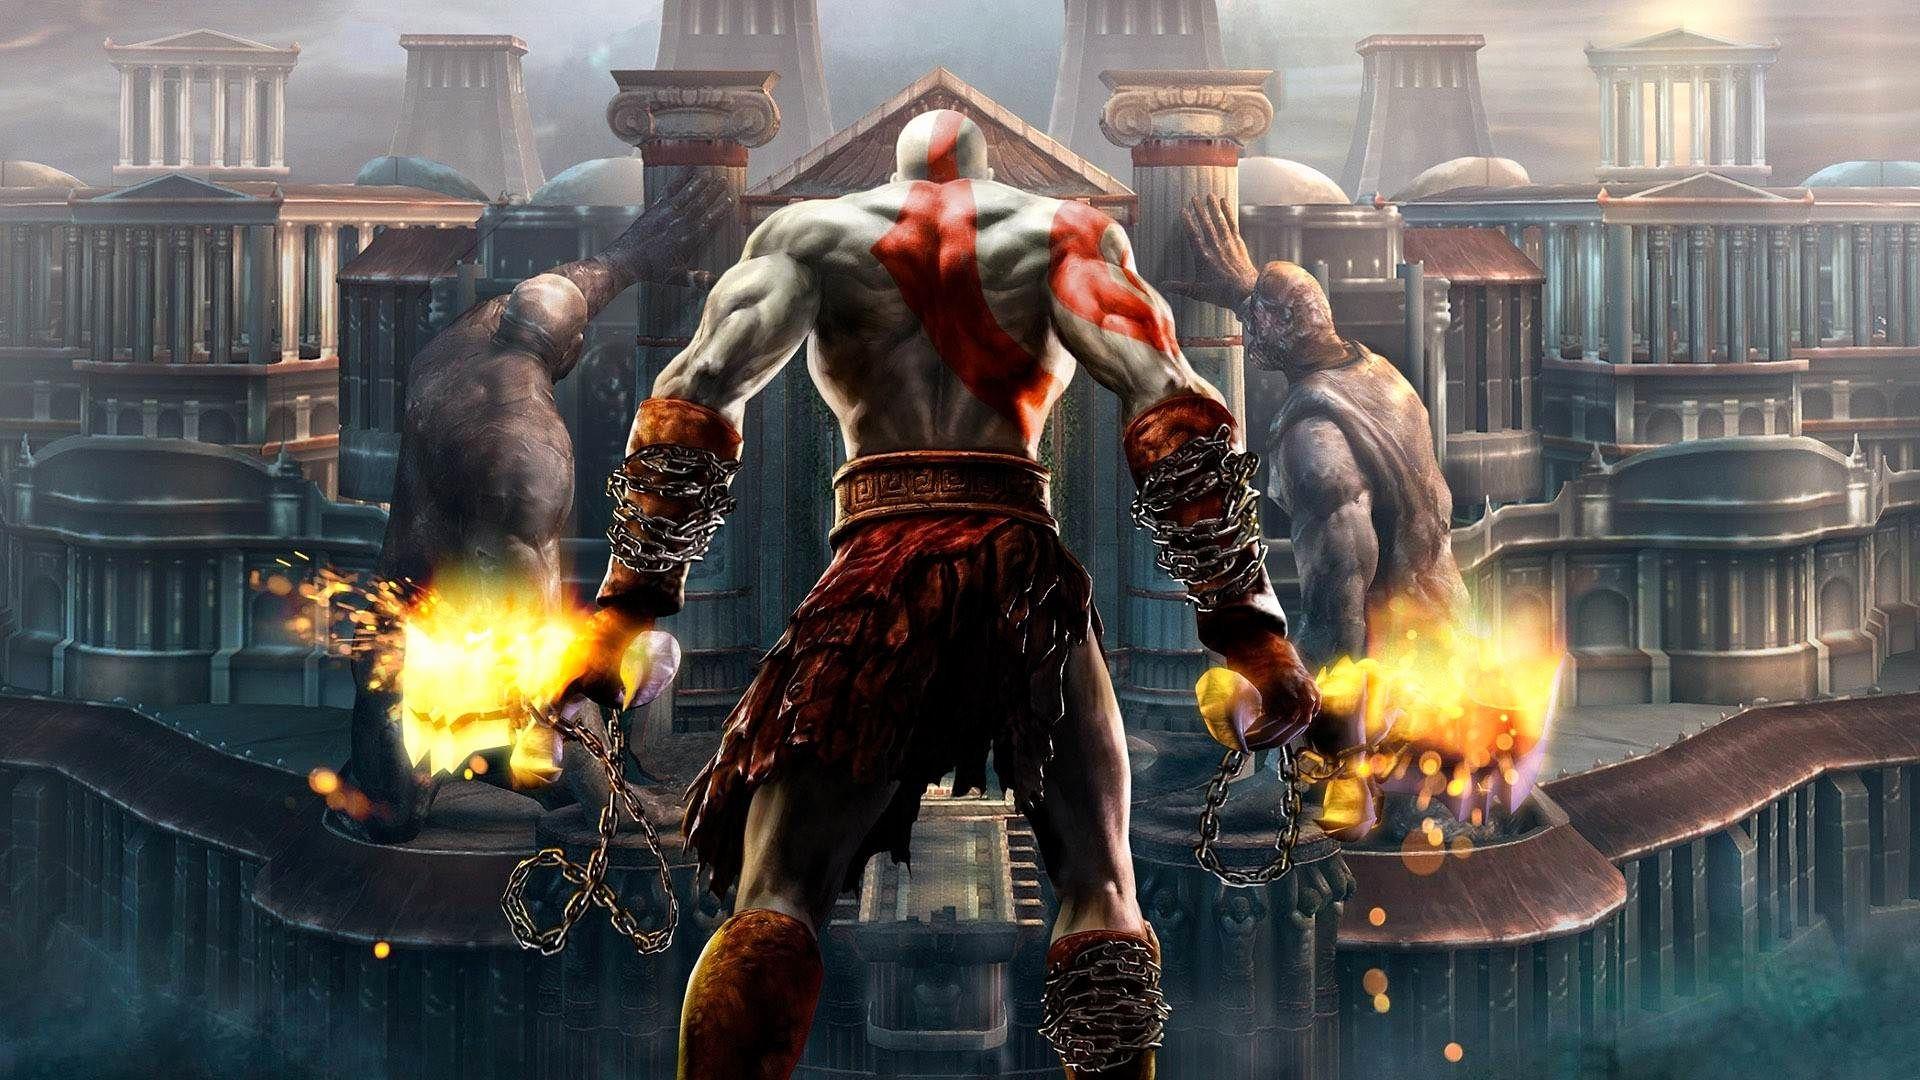 Res: 1920x1080, The Boondocks Wallpaper Unique Kratos Wallpaper Full Hd 1920—1080 Kratos Hd  Wallpapers